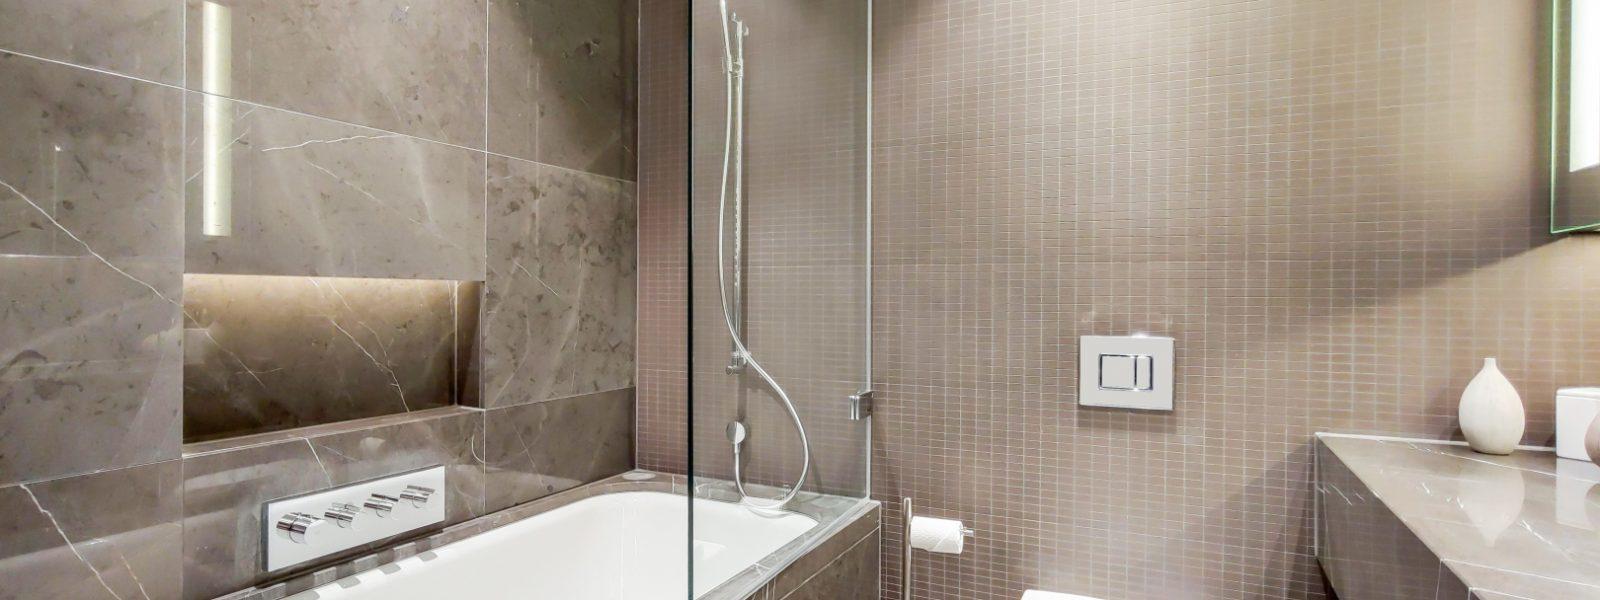 11_Bathroom-0